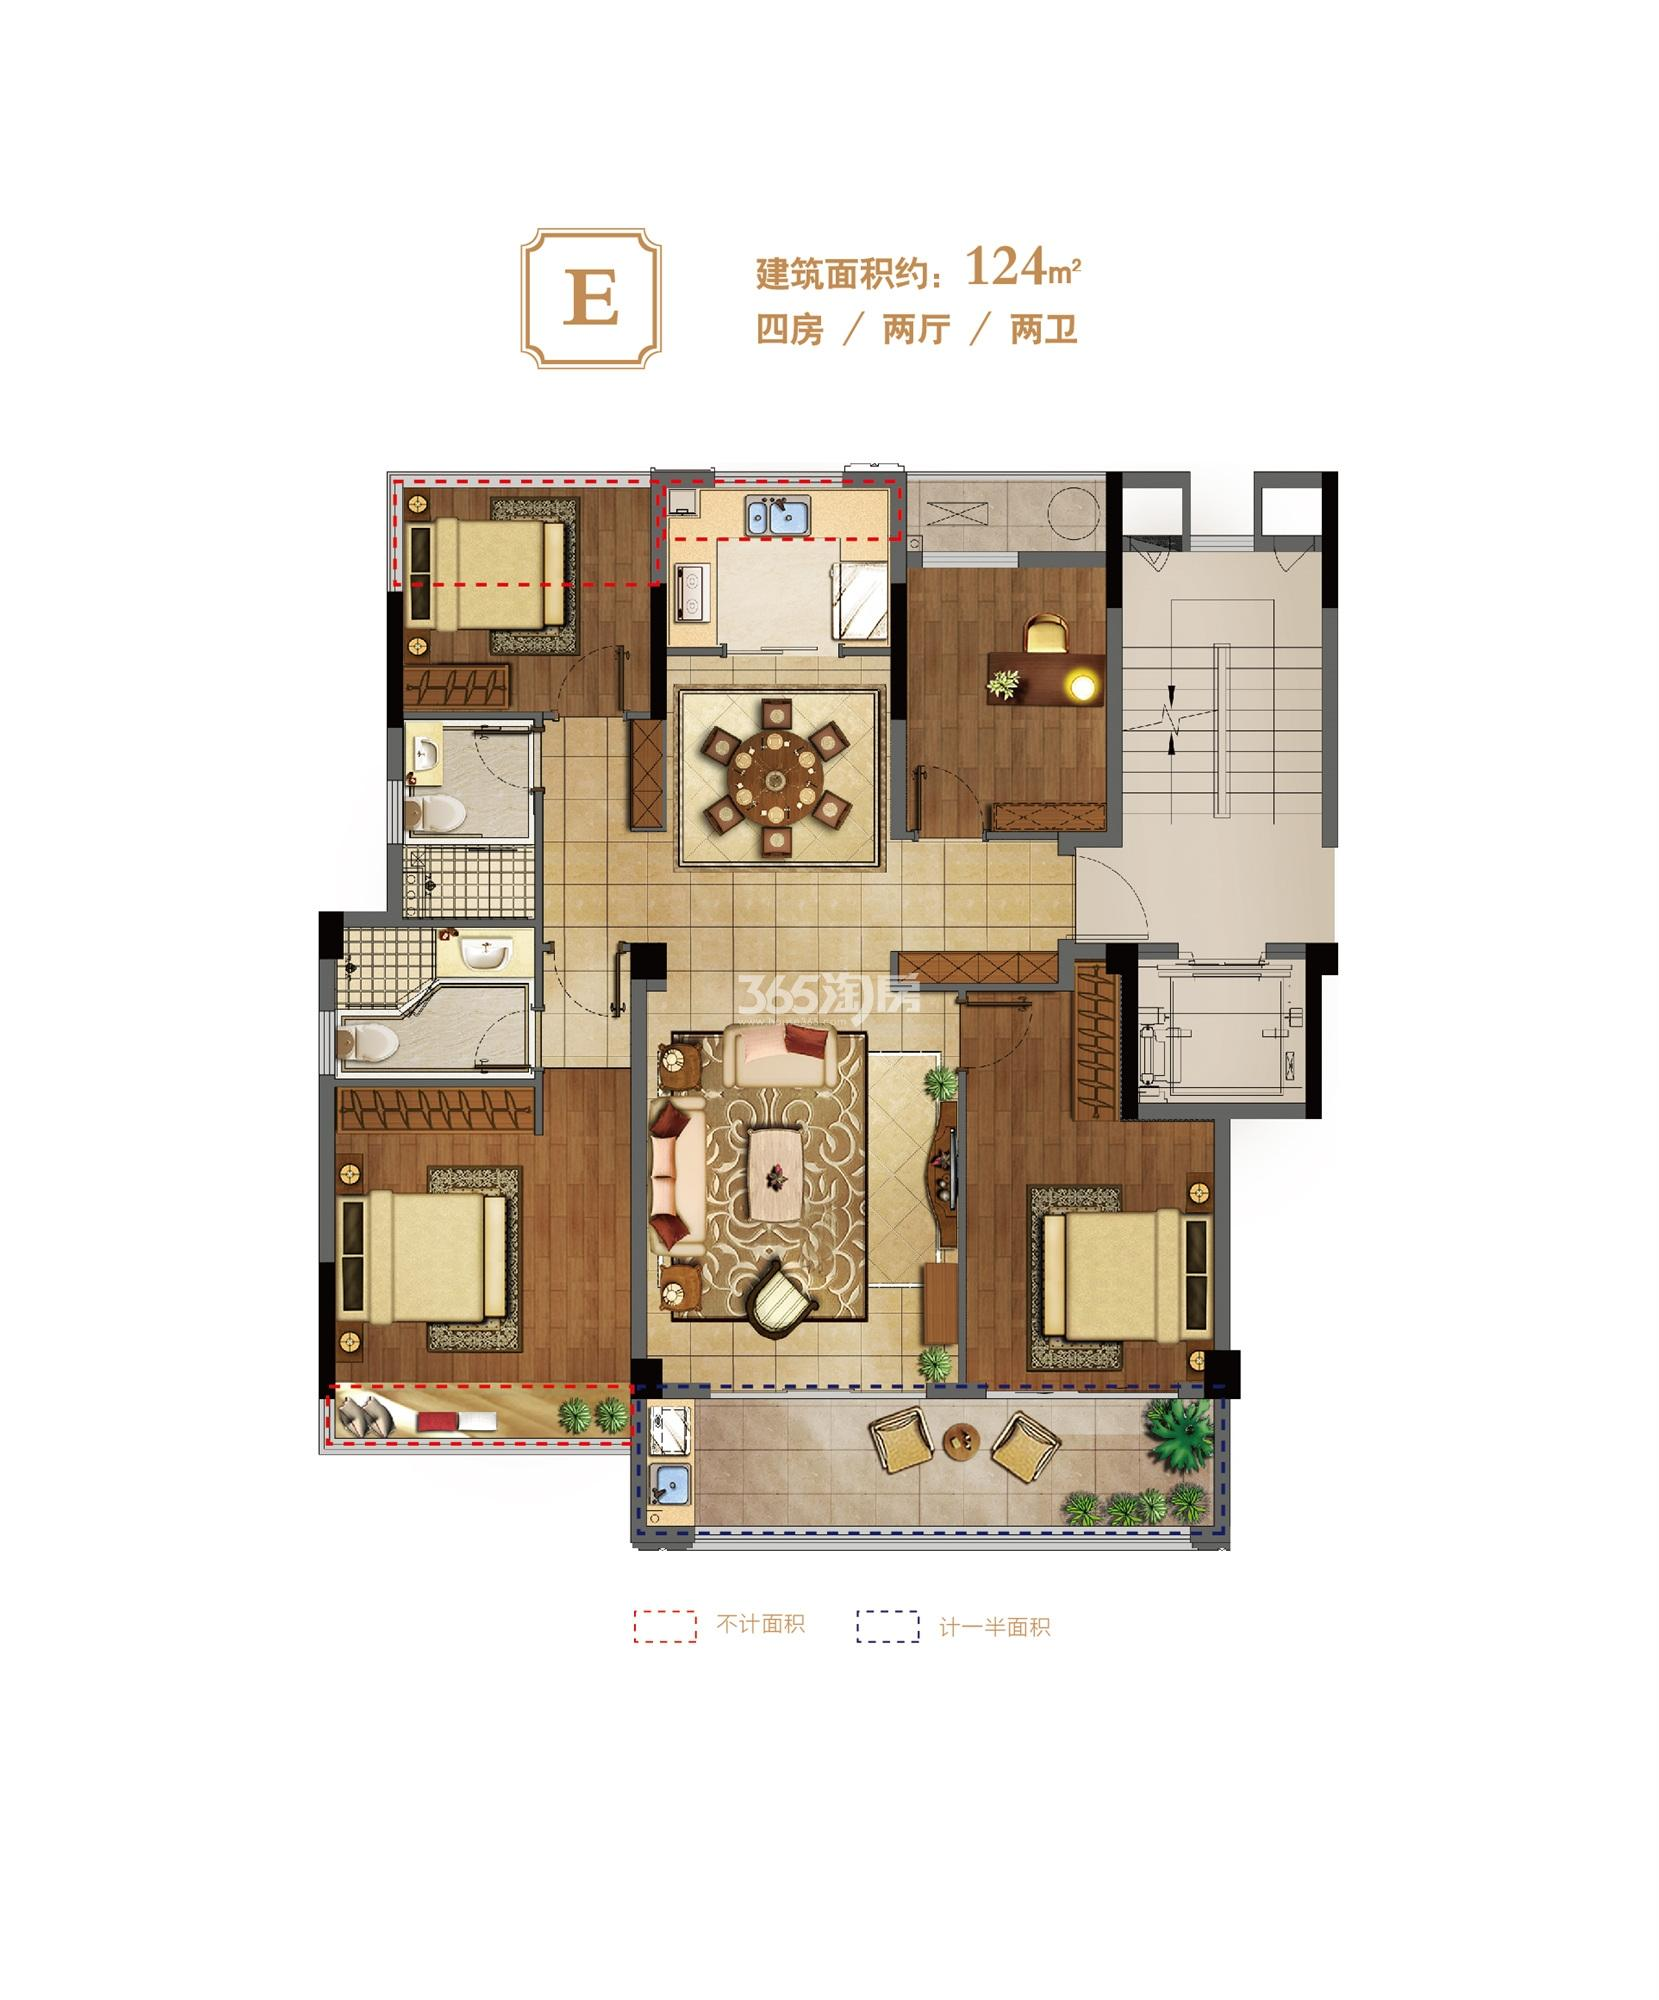 荣安翡翠半岛洋房9、11号楼E户型 124㎡